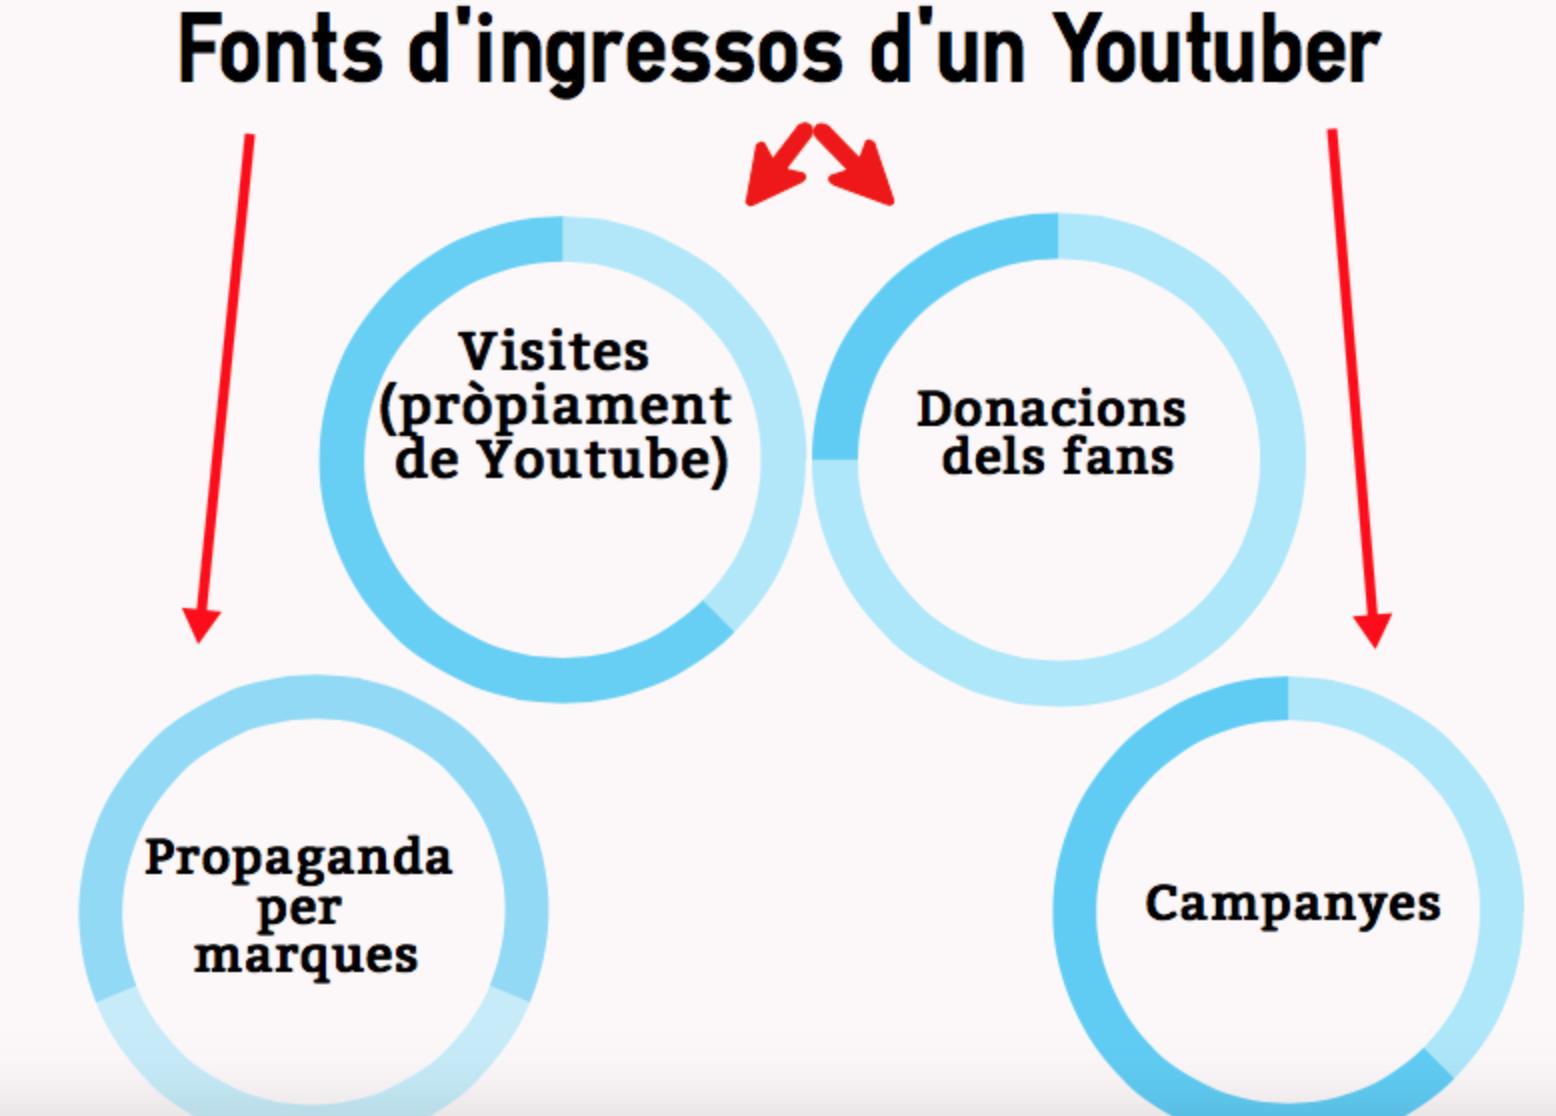 Finançament dels Youtubers